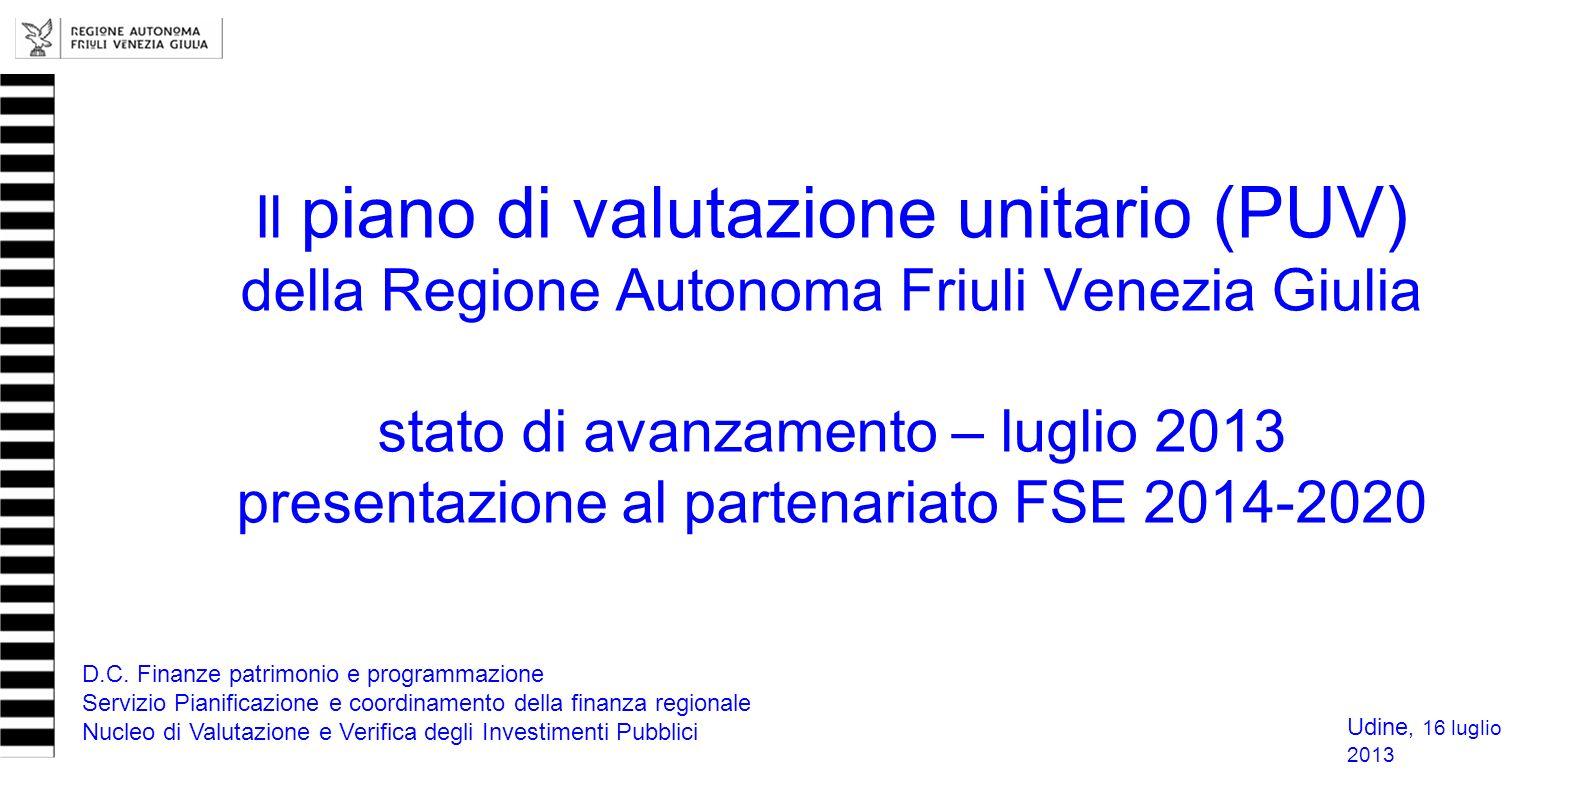 Il piano di valutazione unitario (PUV) della Regione Autonoma Friuli Venezia Giulia stato di avanzamento – luglio 2013 presentazione al partenariato F